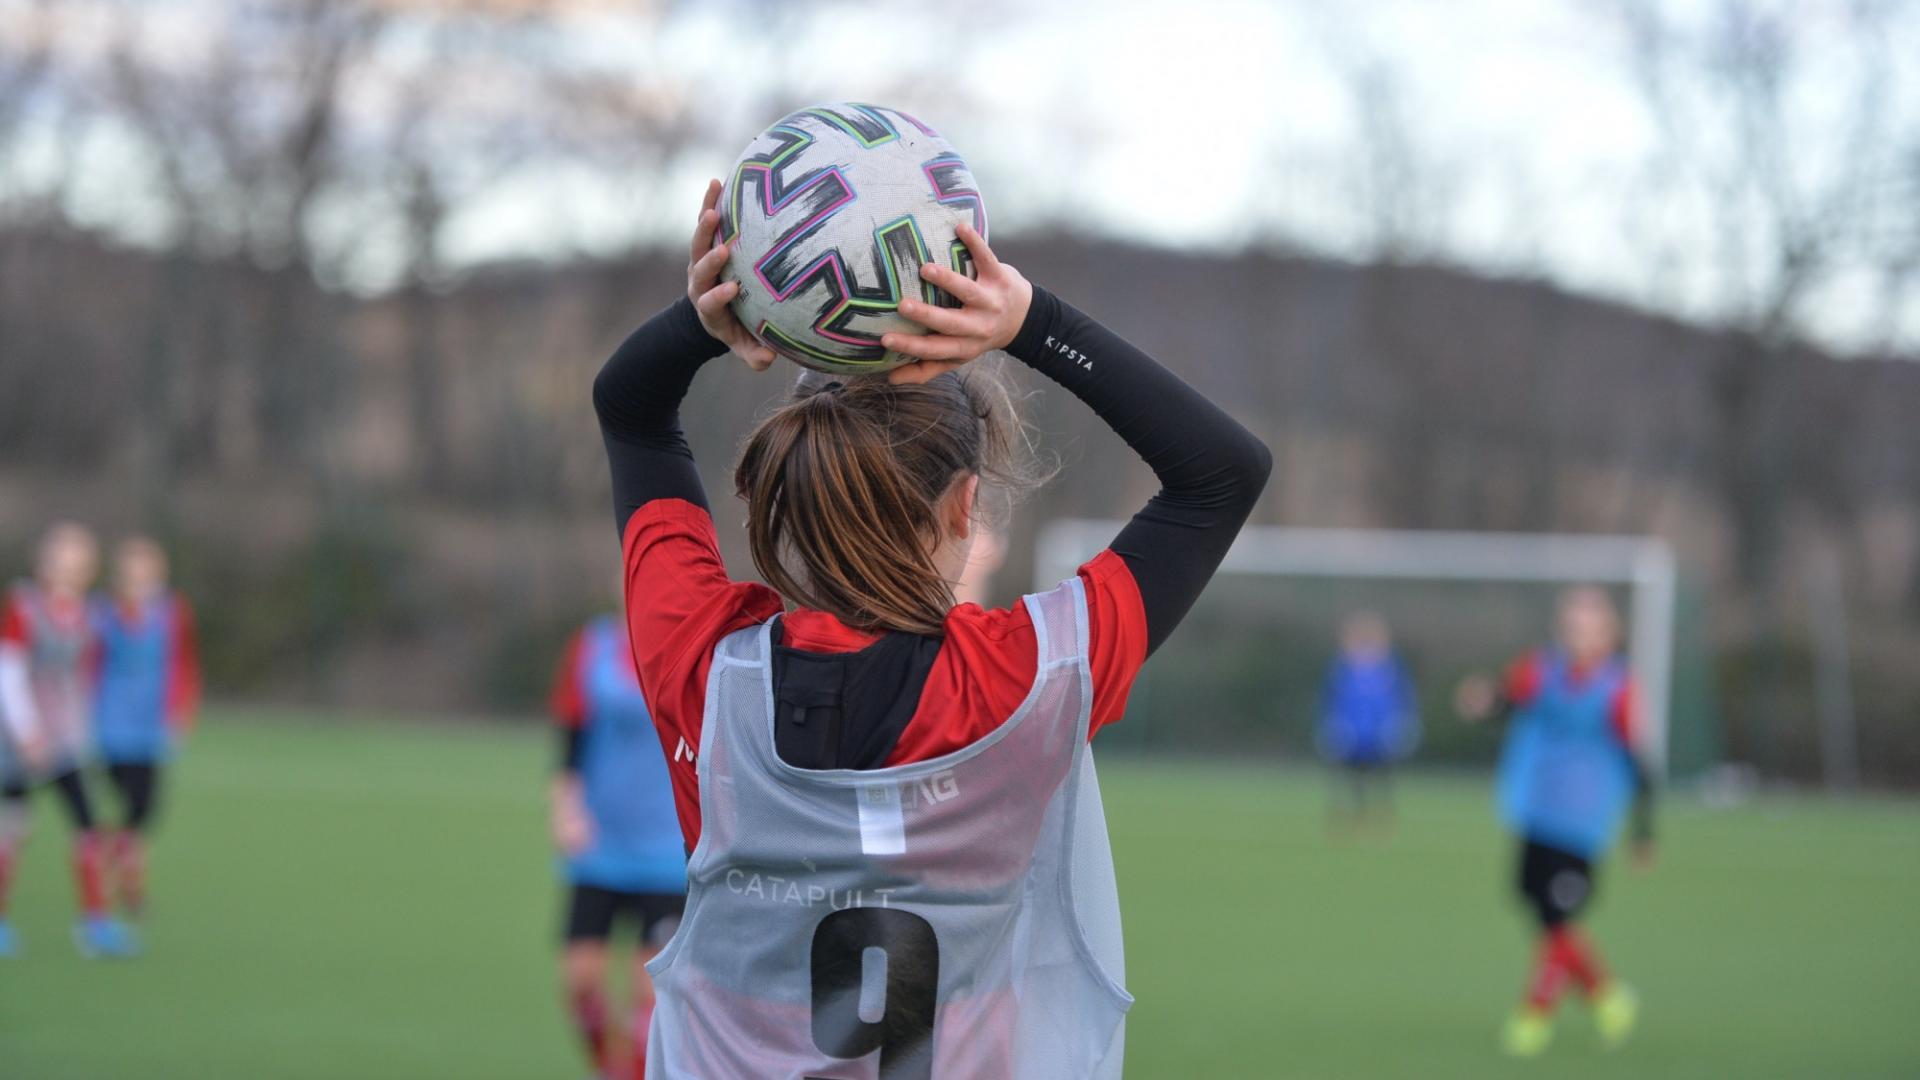 Több játékosunk is meghívást kapott az U17-es válogatottba